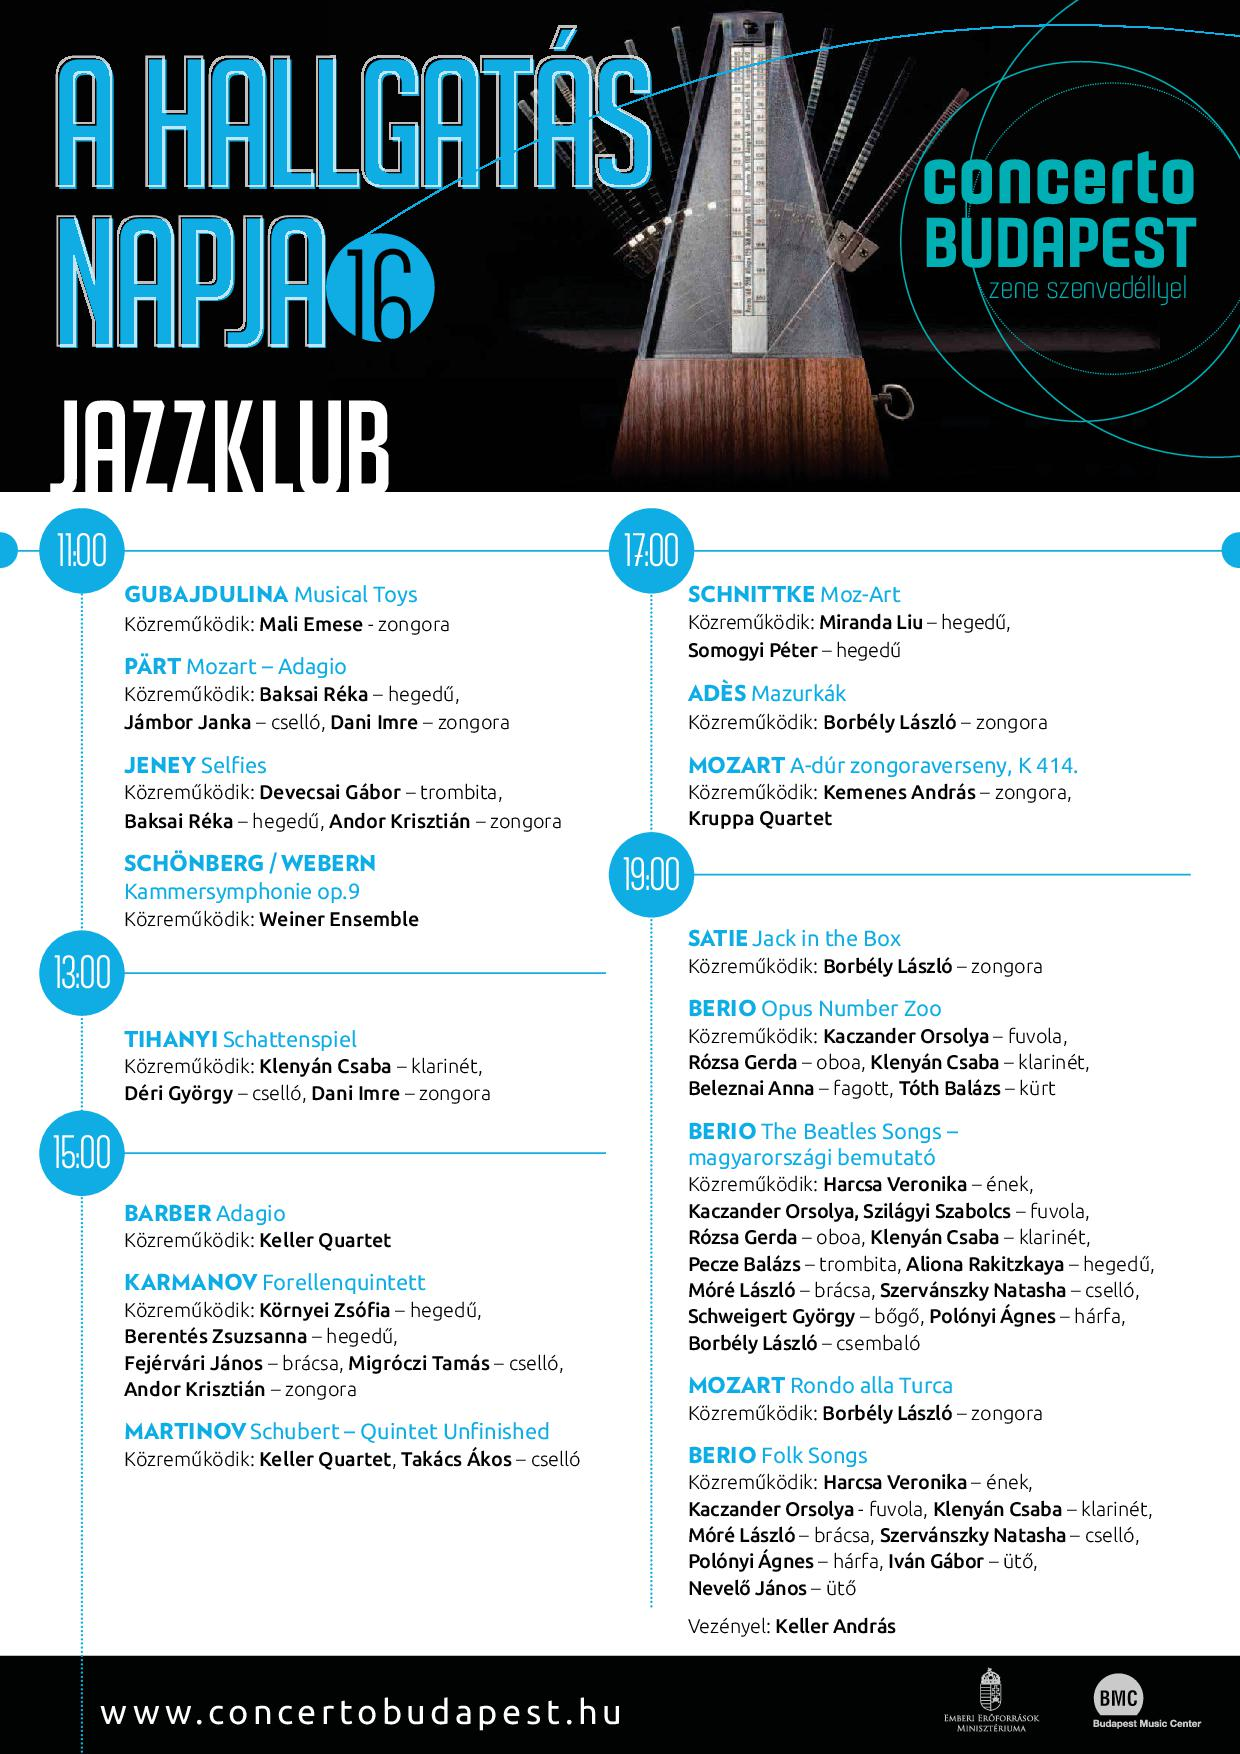 A HALLGATÁS NAPJA (egésznapos zenei fesztivál, 10:00 - 20:00 óra között - 16 koncerttel)